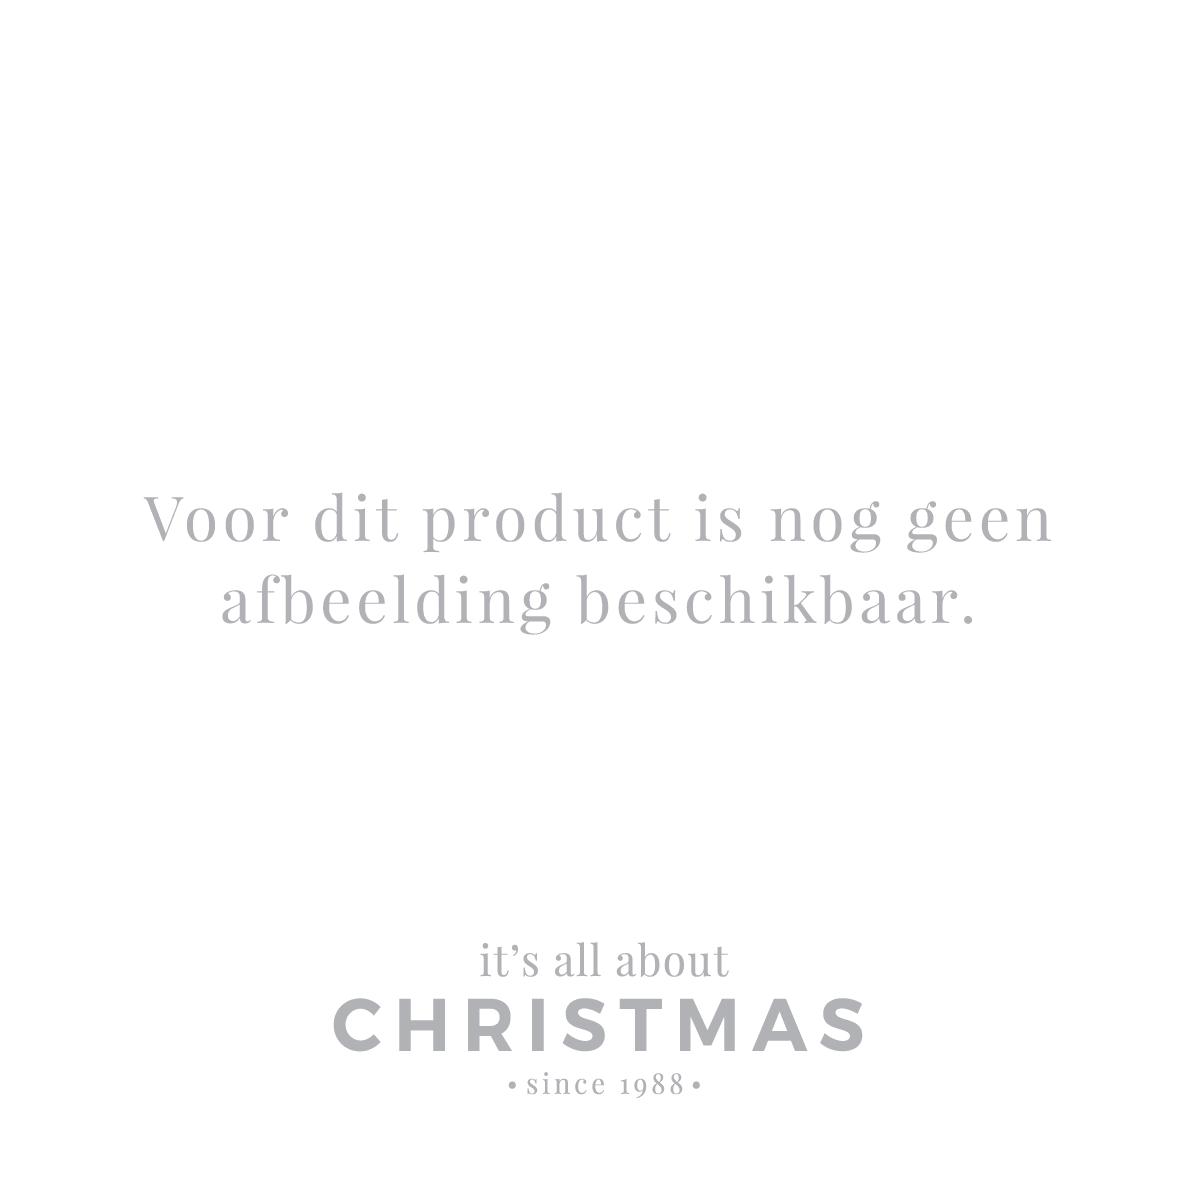 Glitter Weihnachtsschleifen 15cm Weihnachtsrot 2 Stk.